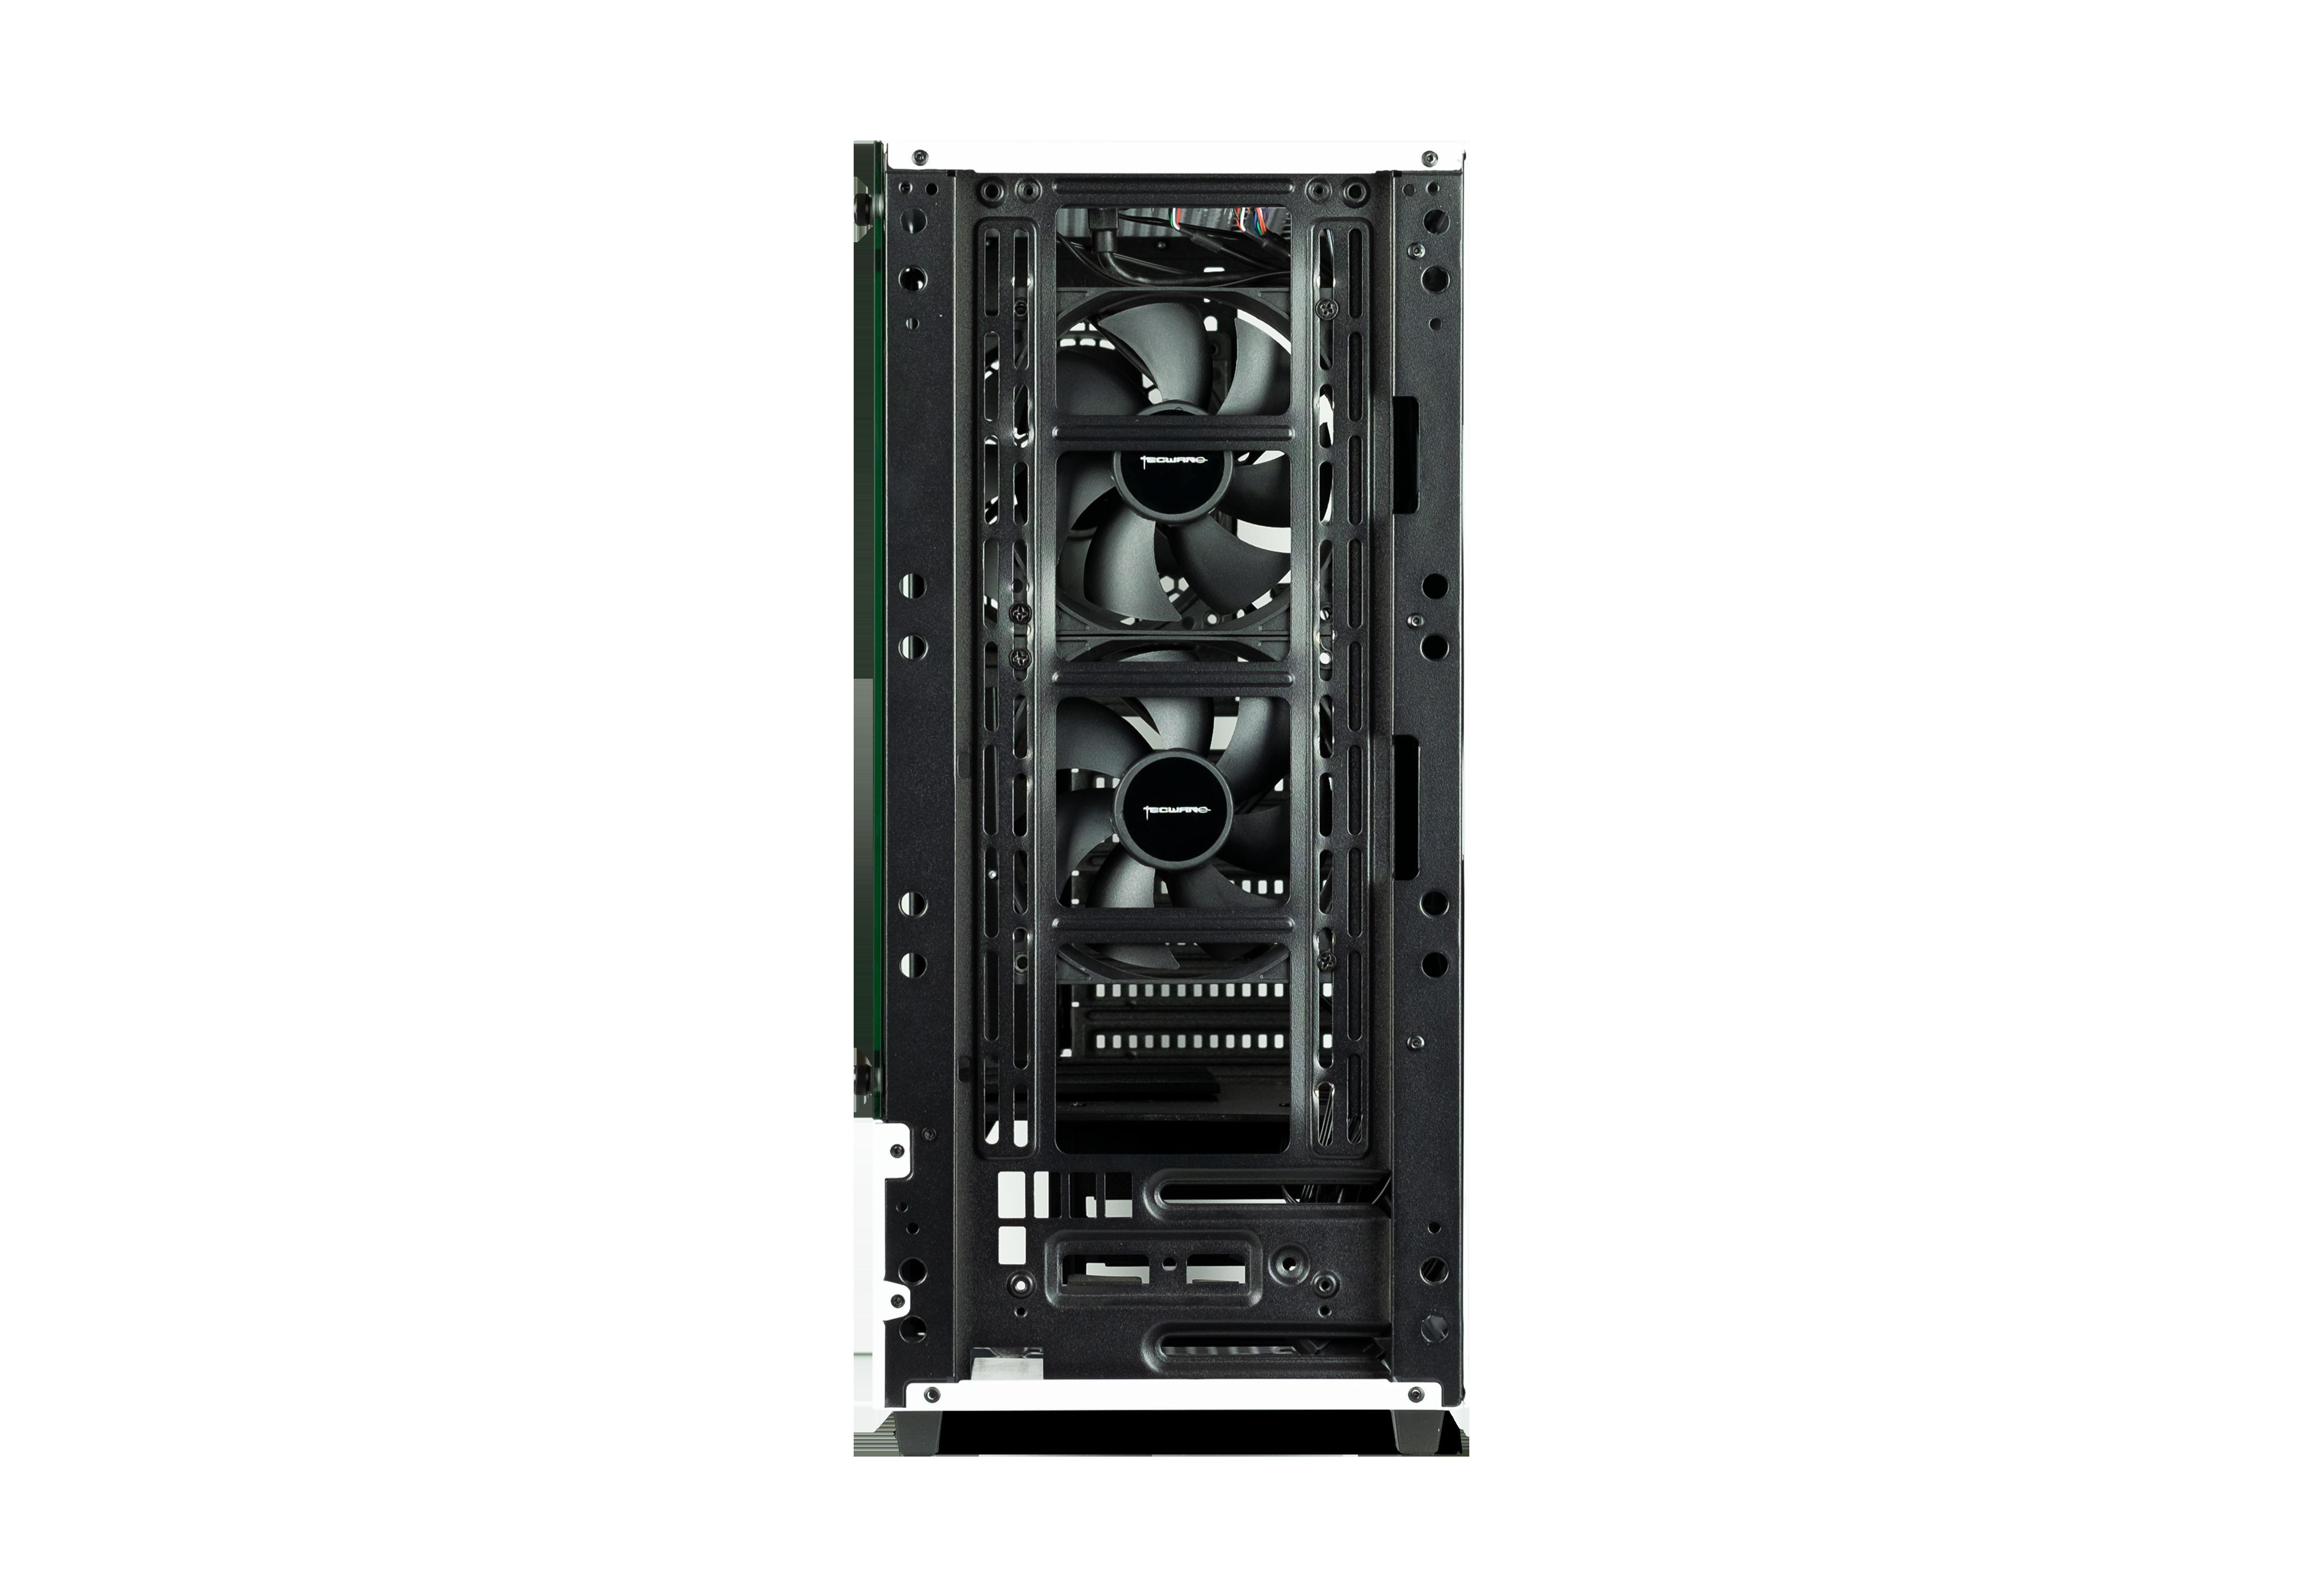 Nexus Evo White front 02